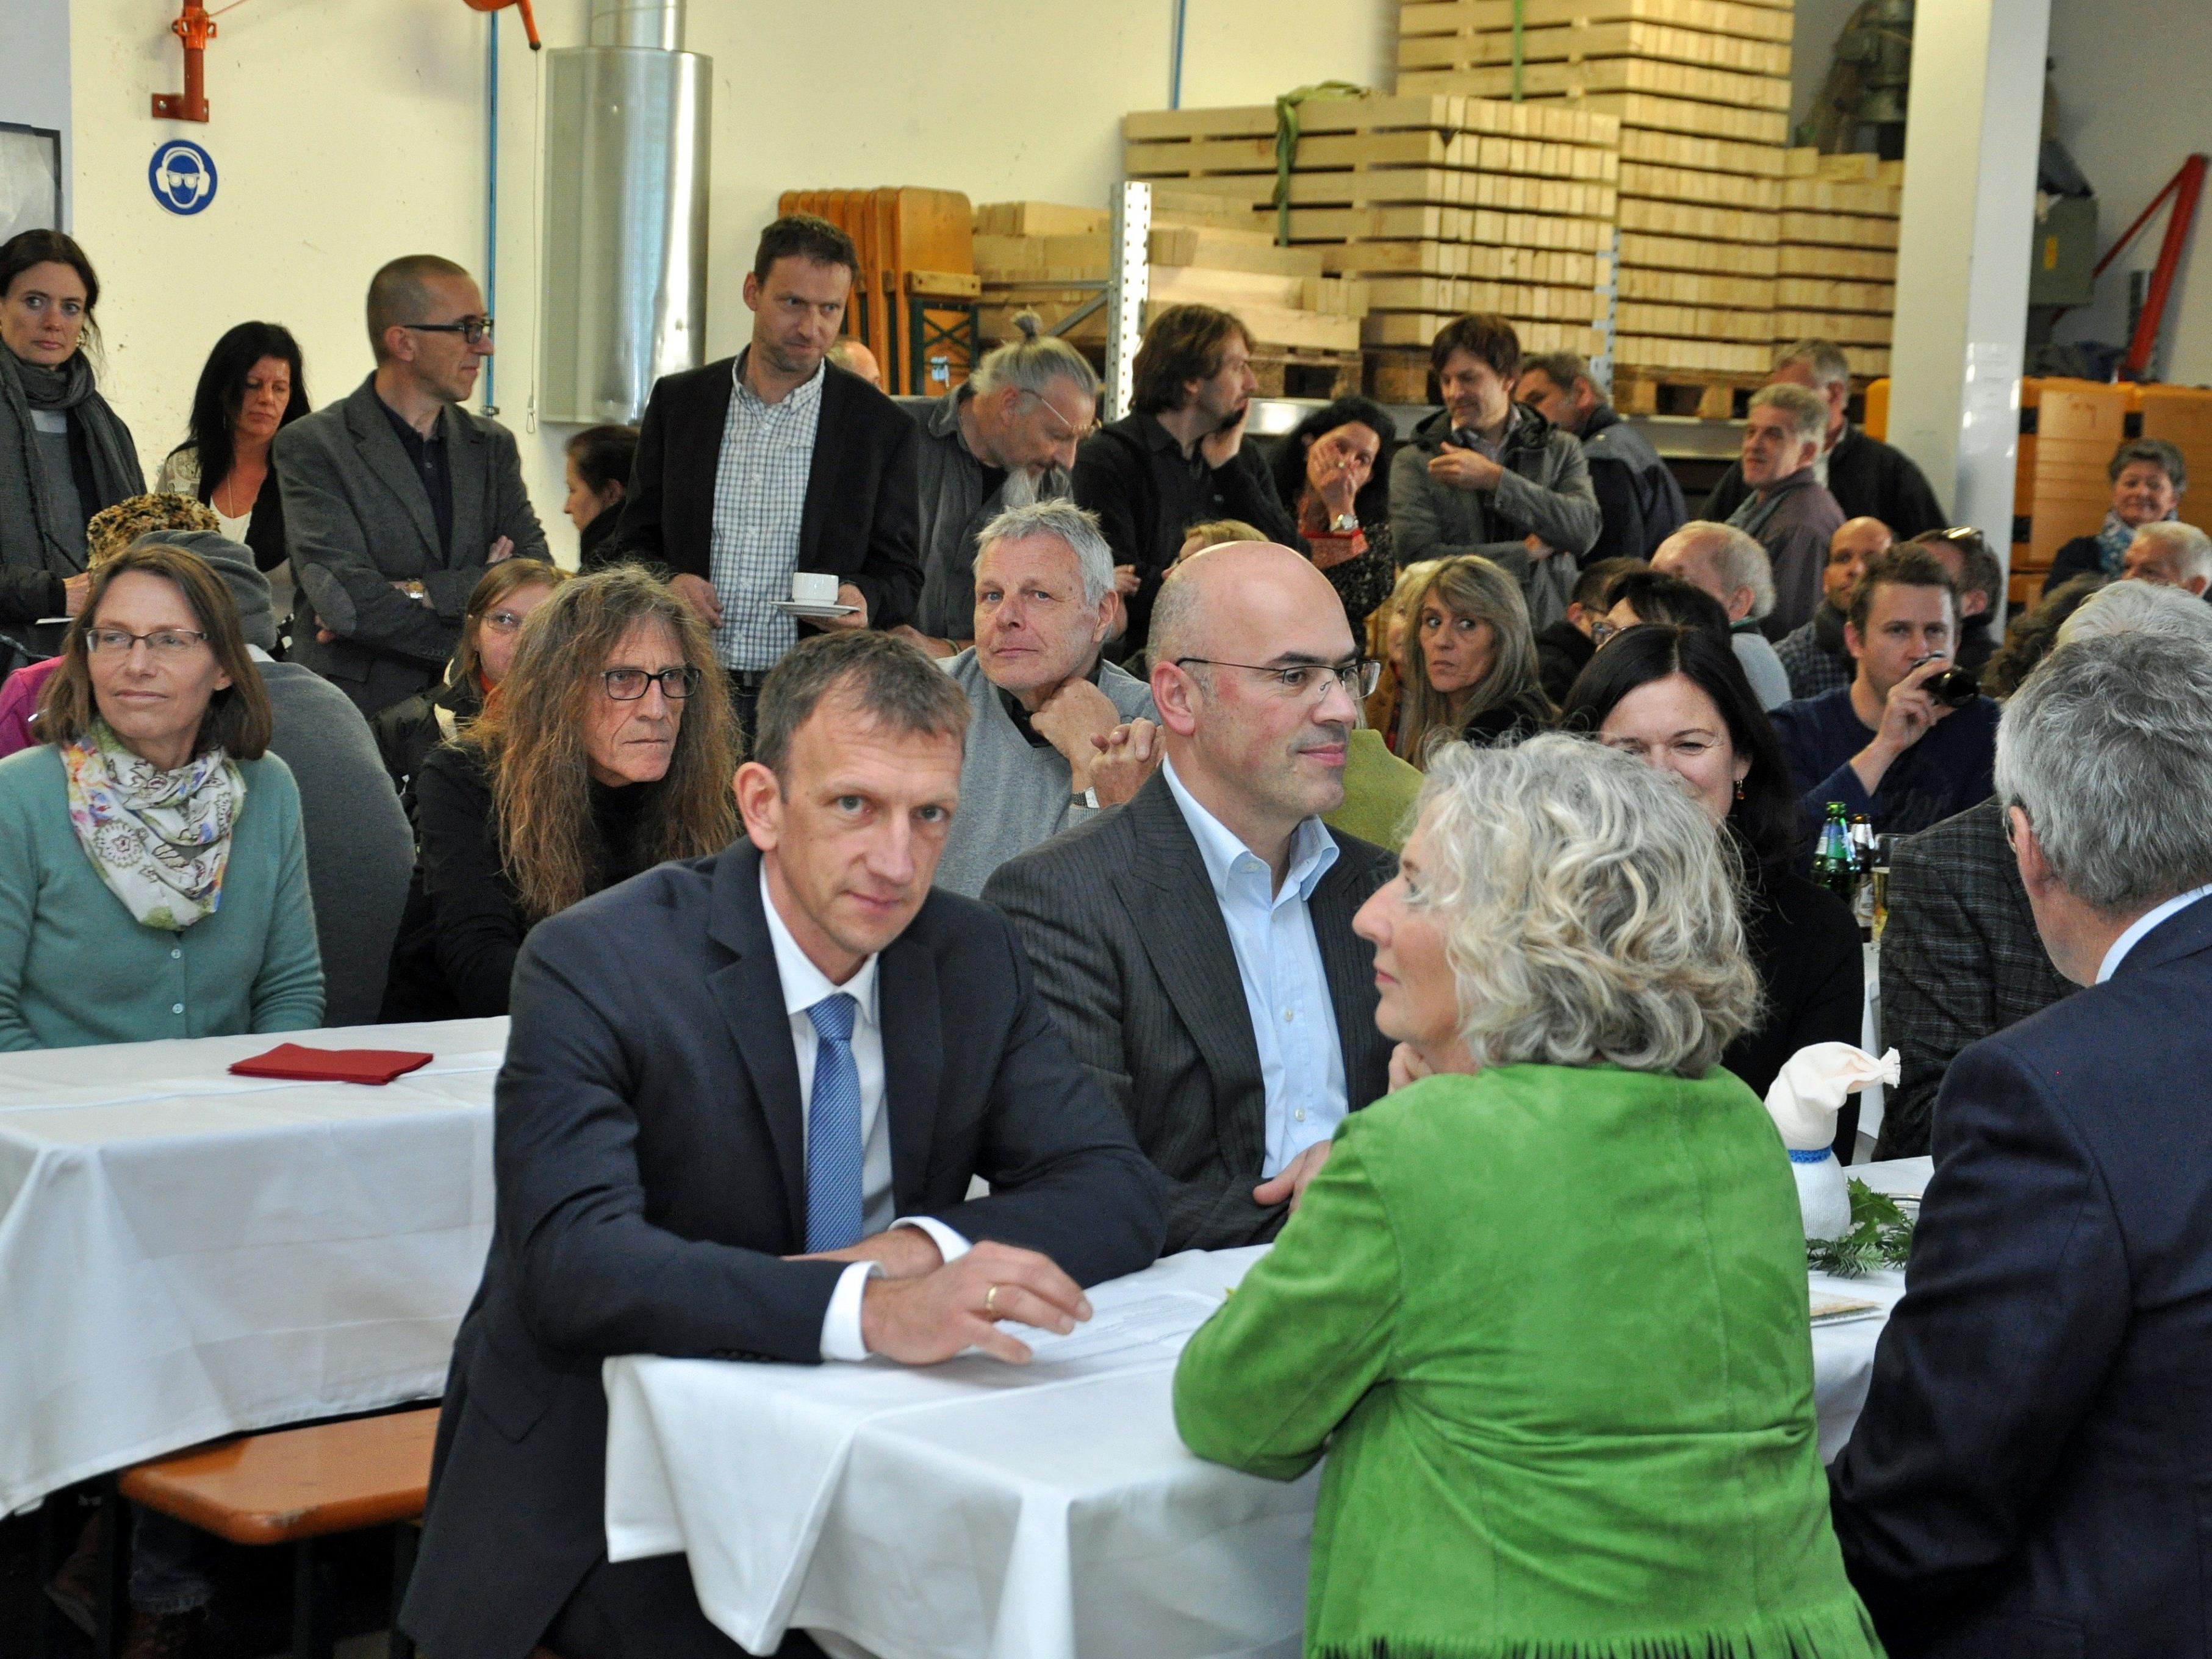 Viele Gäste waren gekommen um gemeinsam mit den Verantwortlichen der Kaplan Bonetti Arbeitsprojekte Geburtstag zu feiern.